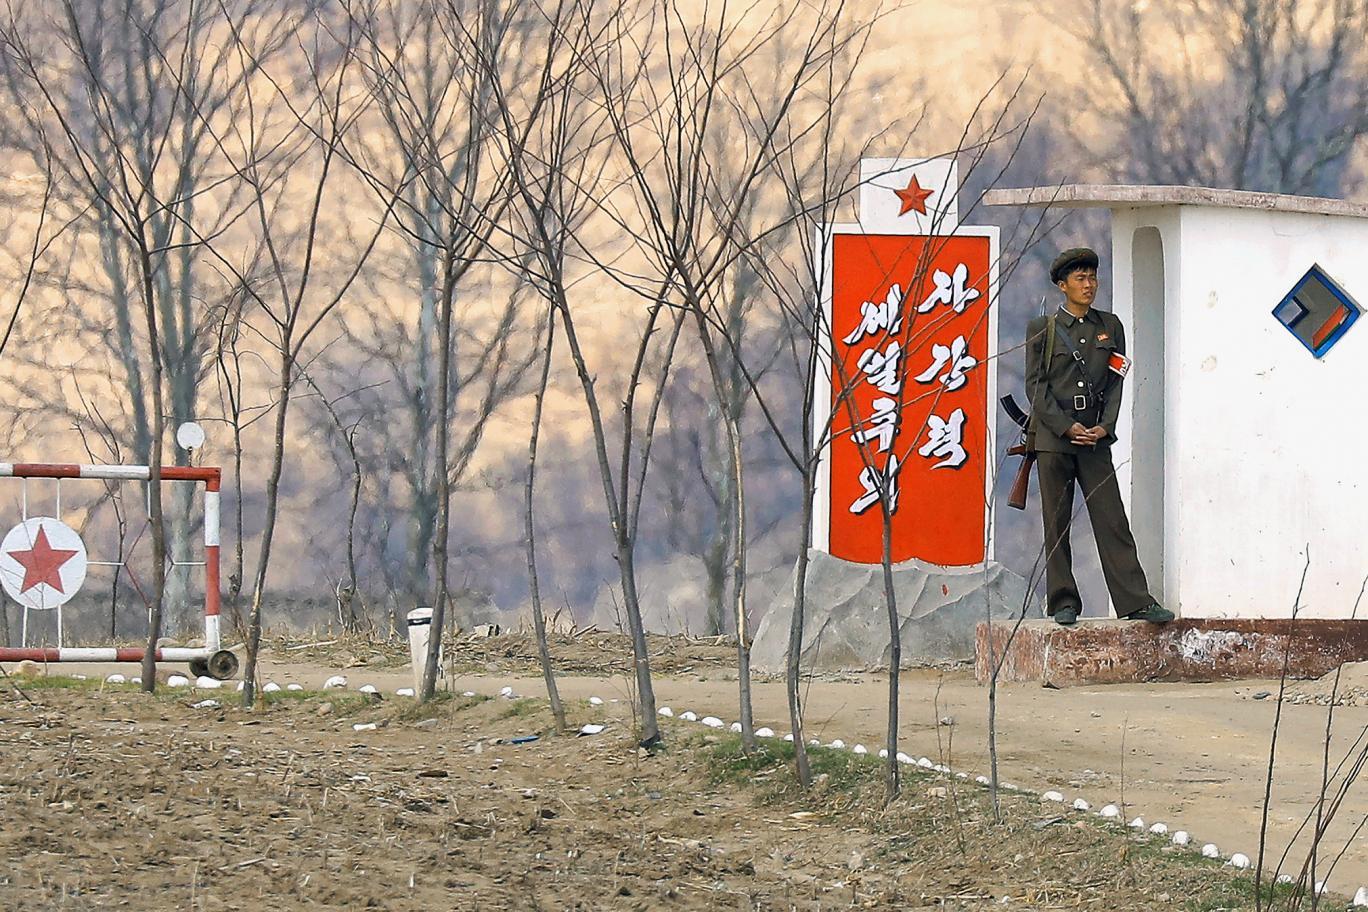 15 ảnh hé lộ cuộc sống ở biên giới Trung Quốc-Triều Tiên - 1